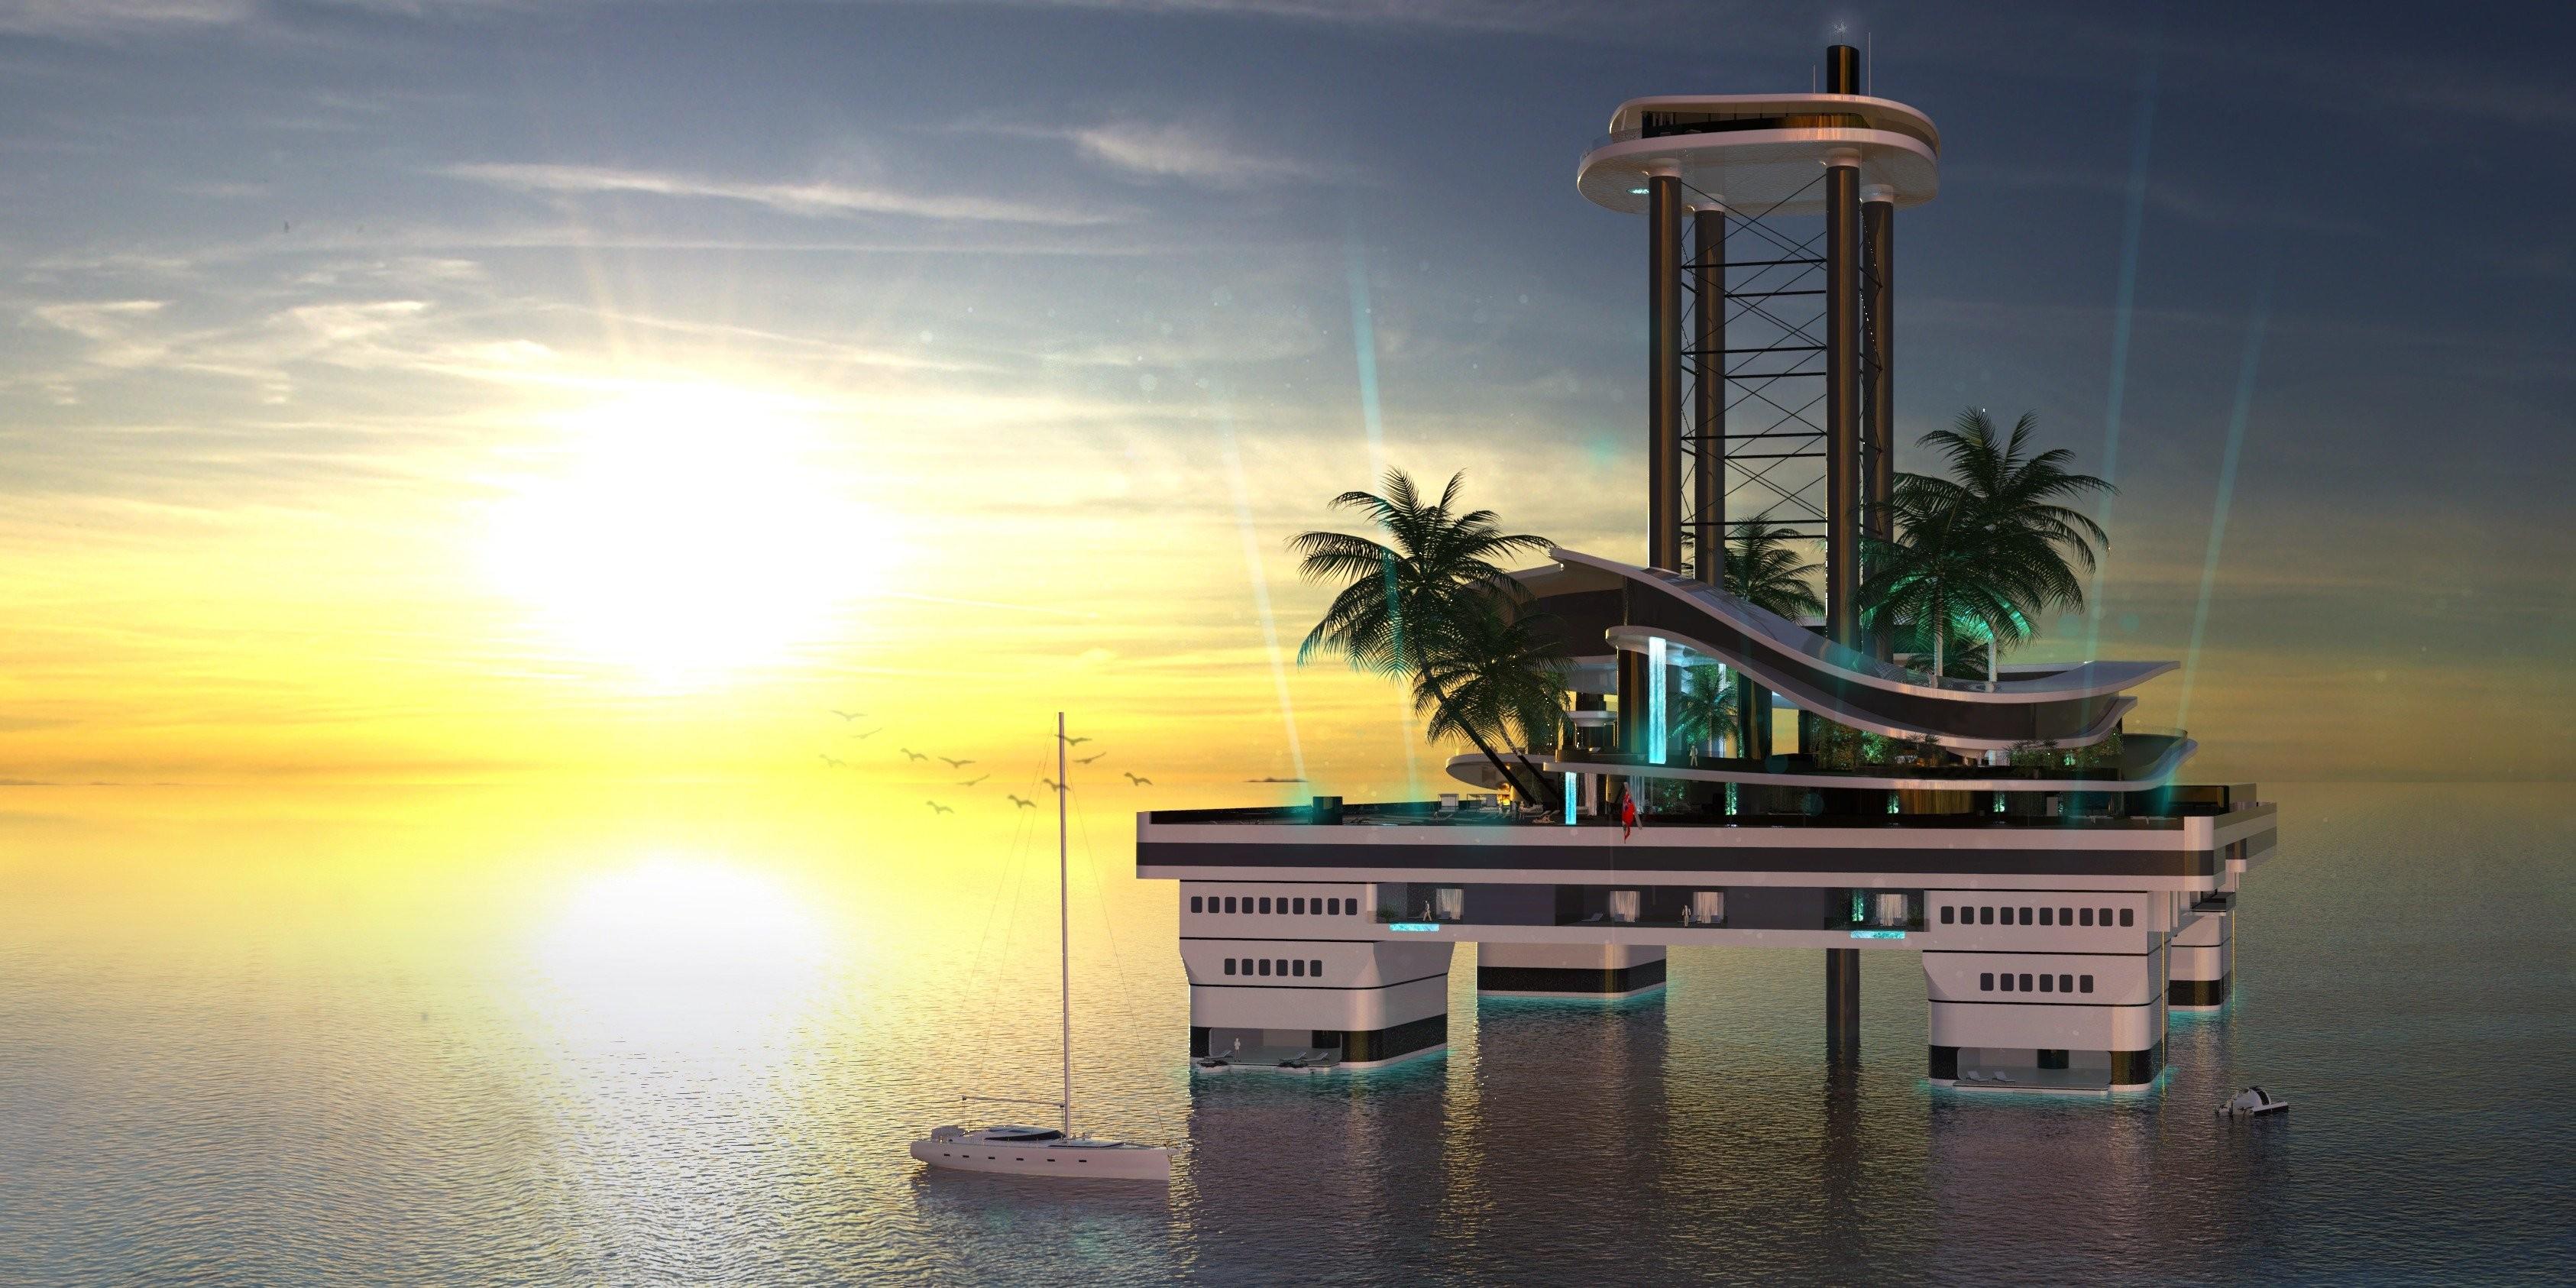 Para competir com megaiates, chega a ilha particular móvel